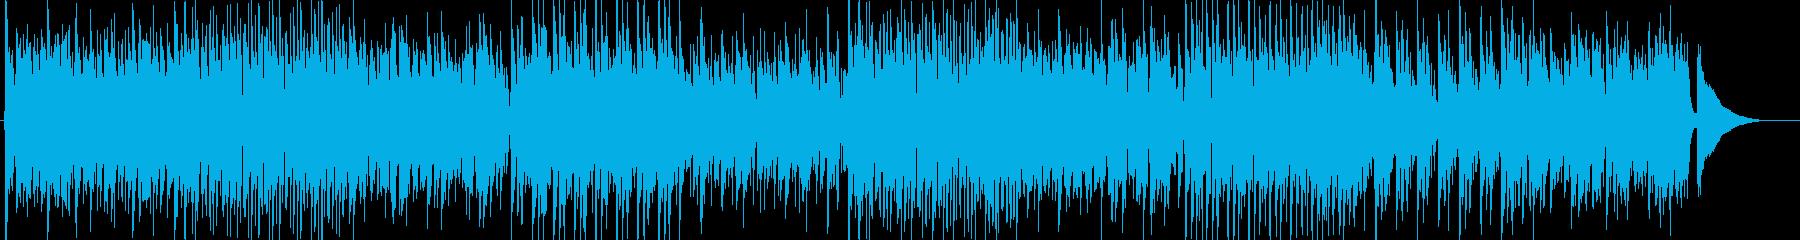 ドリーミーなワルツ♬ジャズトリオcafeの再生済みの波形